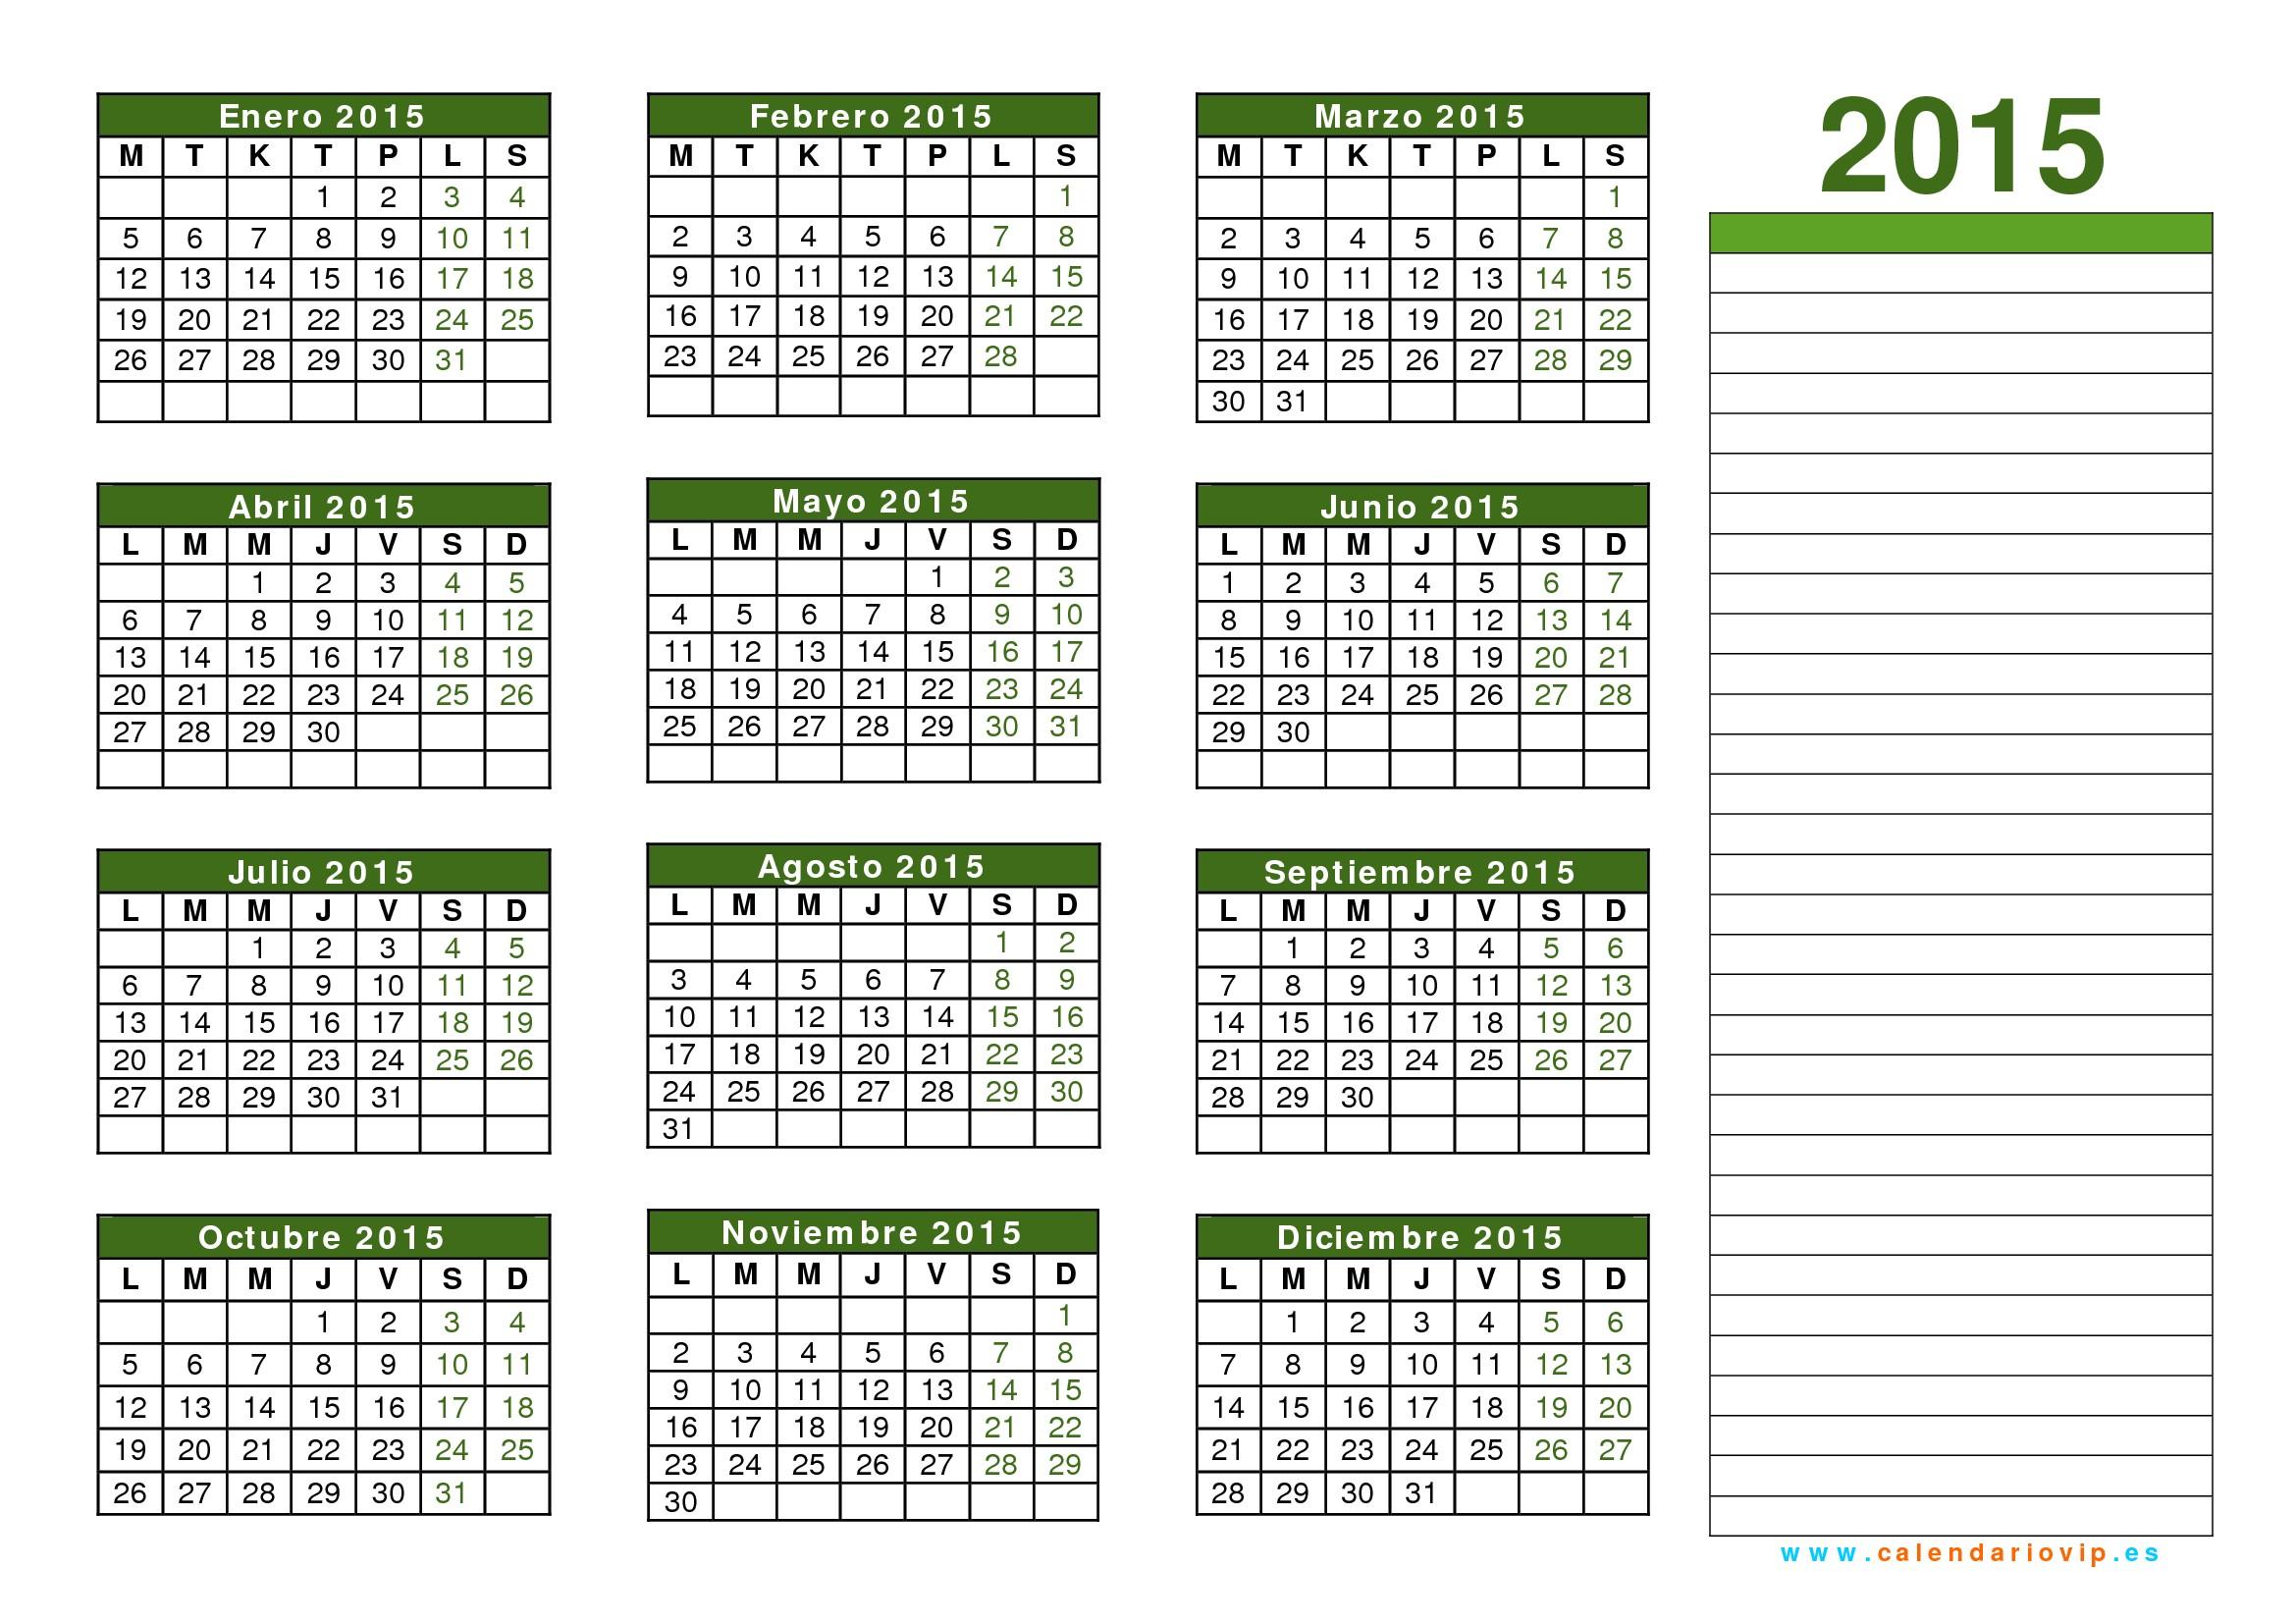 Calendario 2019 Enero Zbinden Iii Más Reciente Download 2019 Calendar Printable with Holidays List